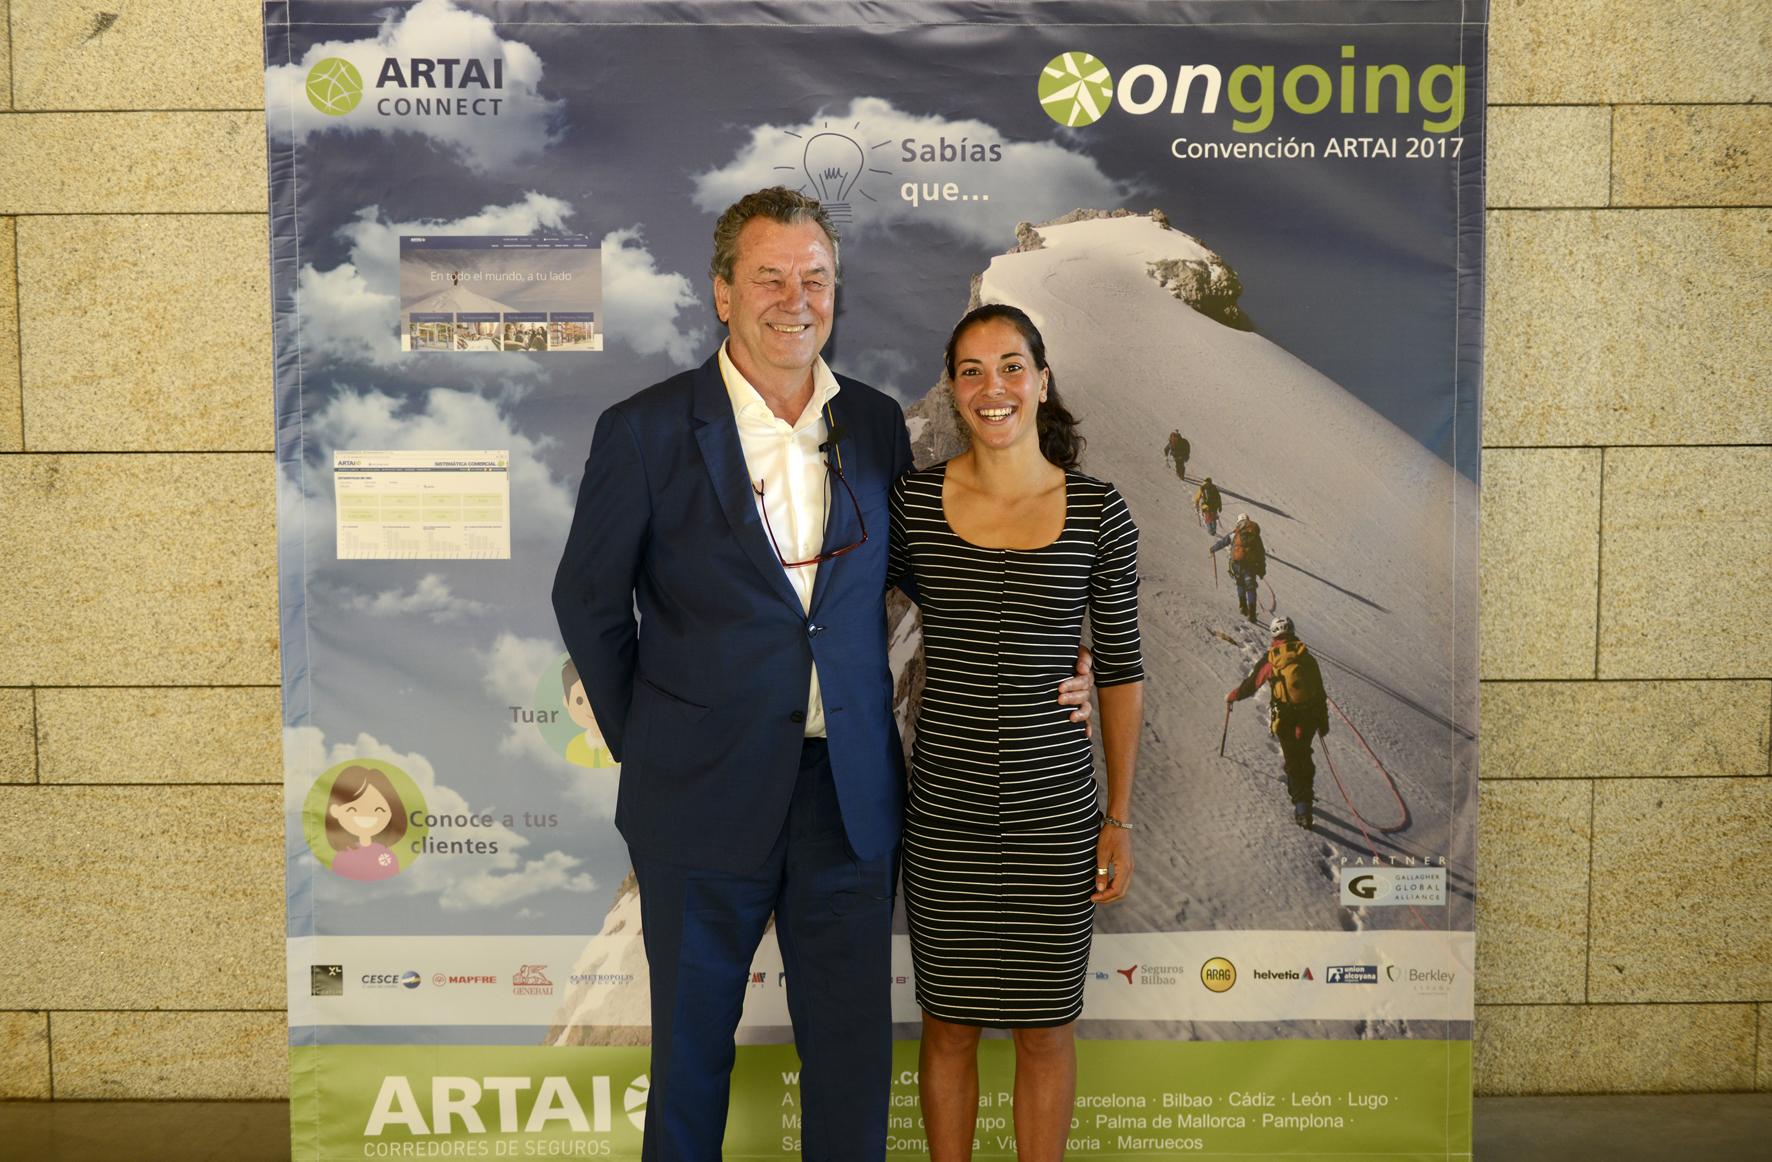 La convención anual de ARTAI reúne en Vigo a sus más de 140 profesionales llegados de sus oficinas nacionales e internacionales